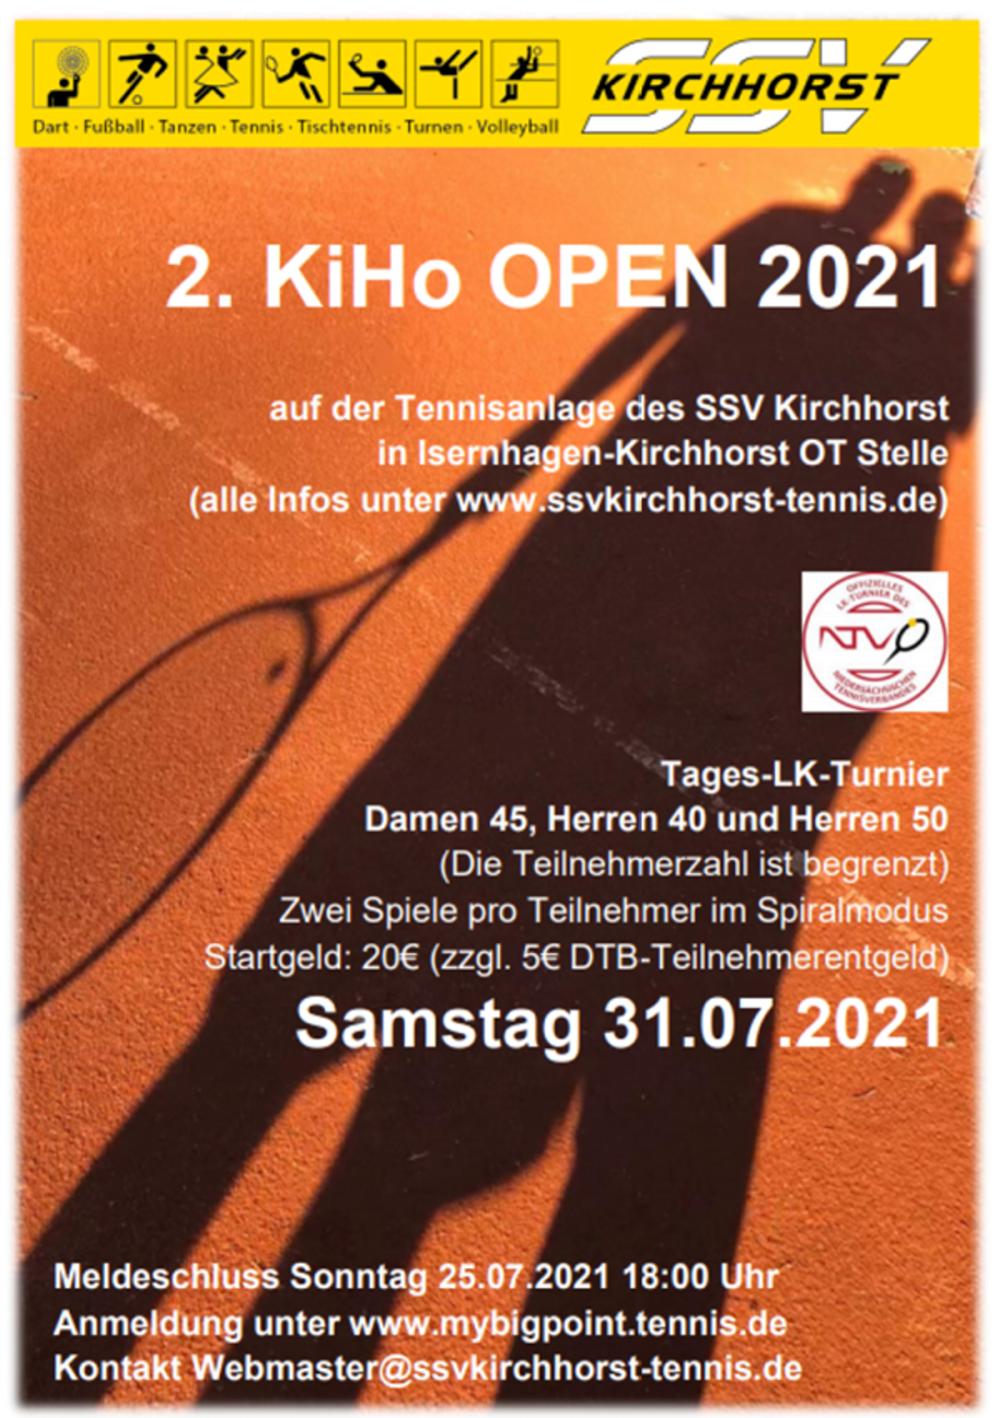 2. KiHo Open 2021 beim SSV Kirchhorst in Isernhagen